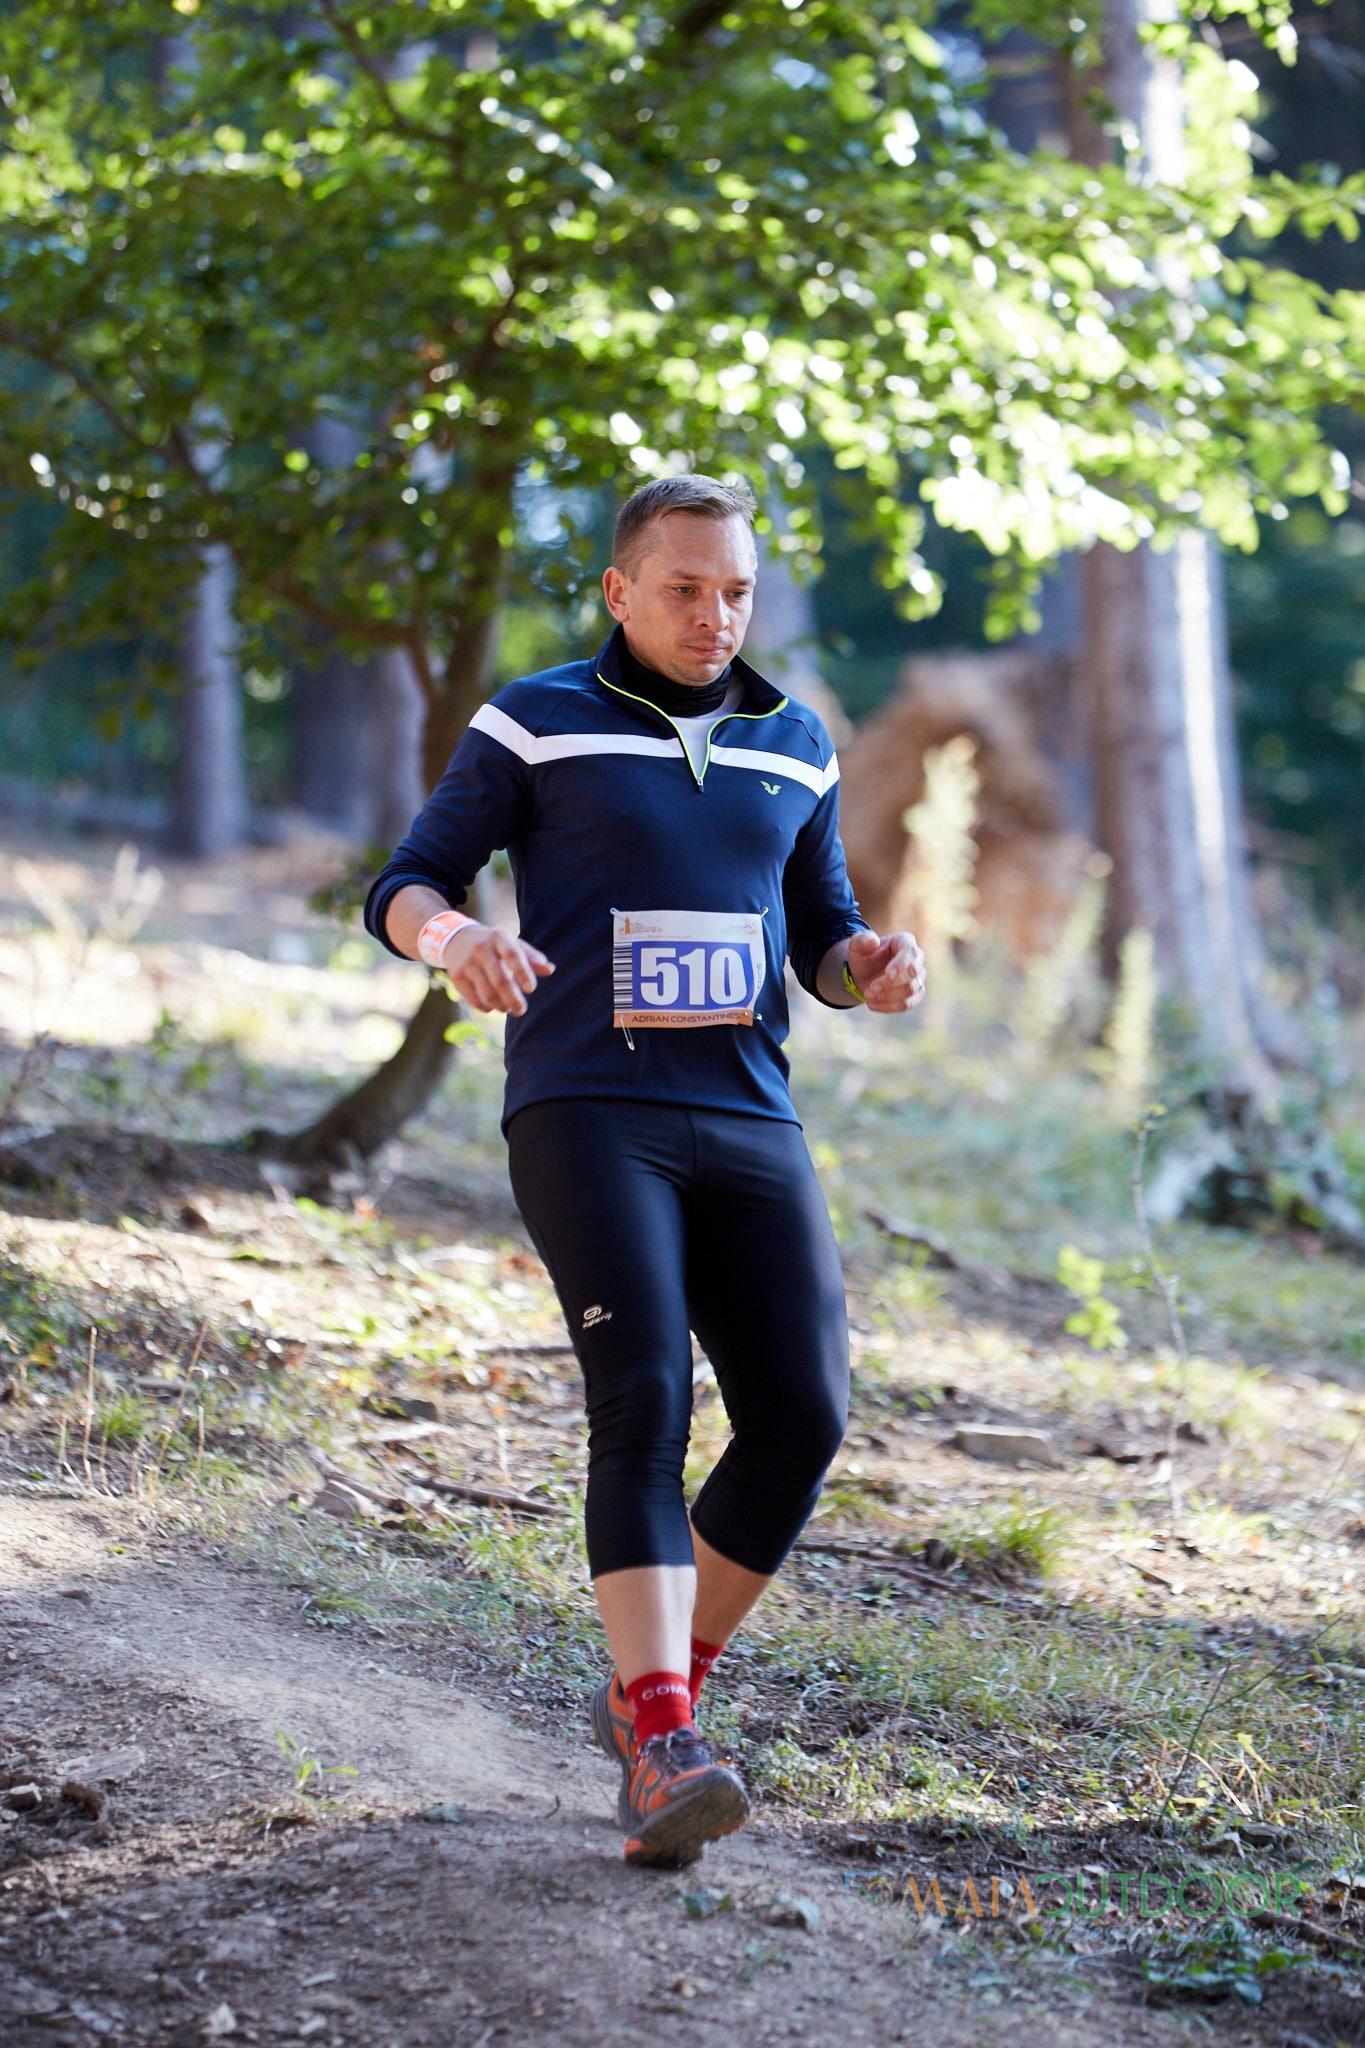 Semimaraton_Curtea_Domneasca_MaiaOutdoor.ro_IMG_6102-min